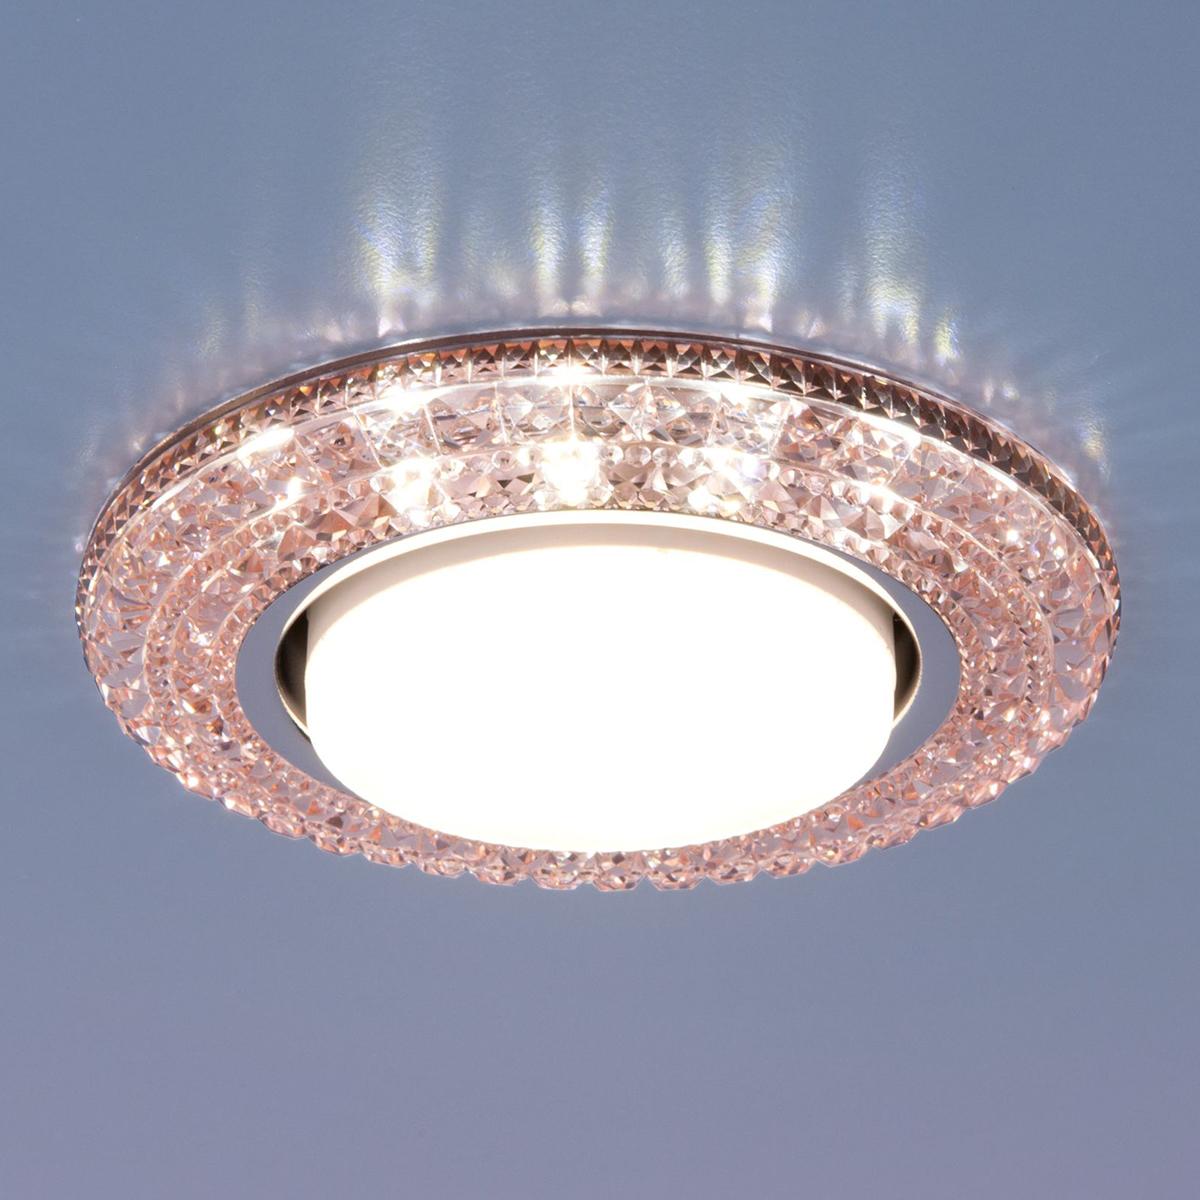 Люстры для натяжных потолков светодиодные фото